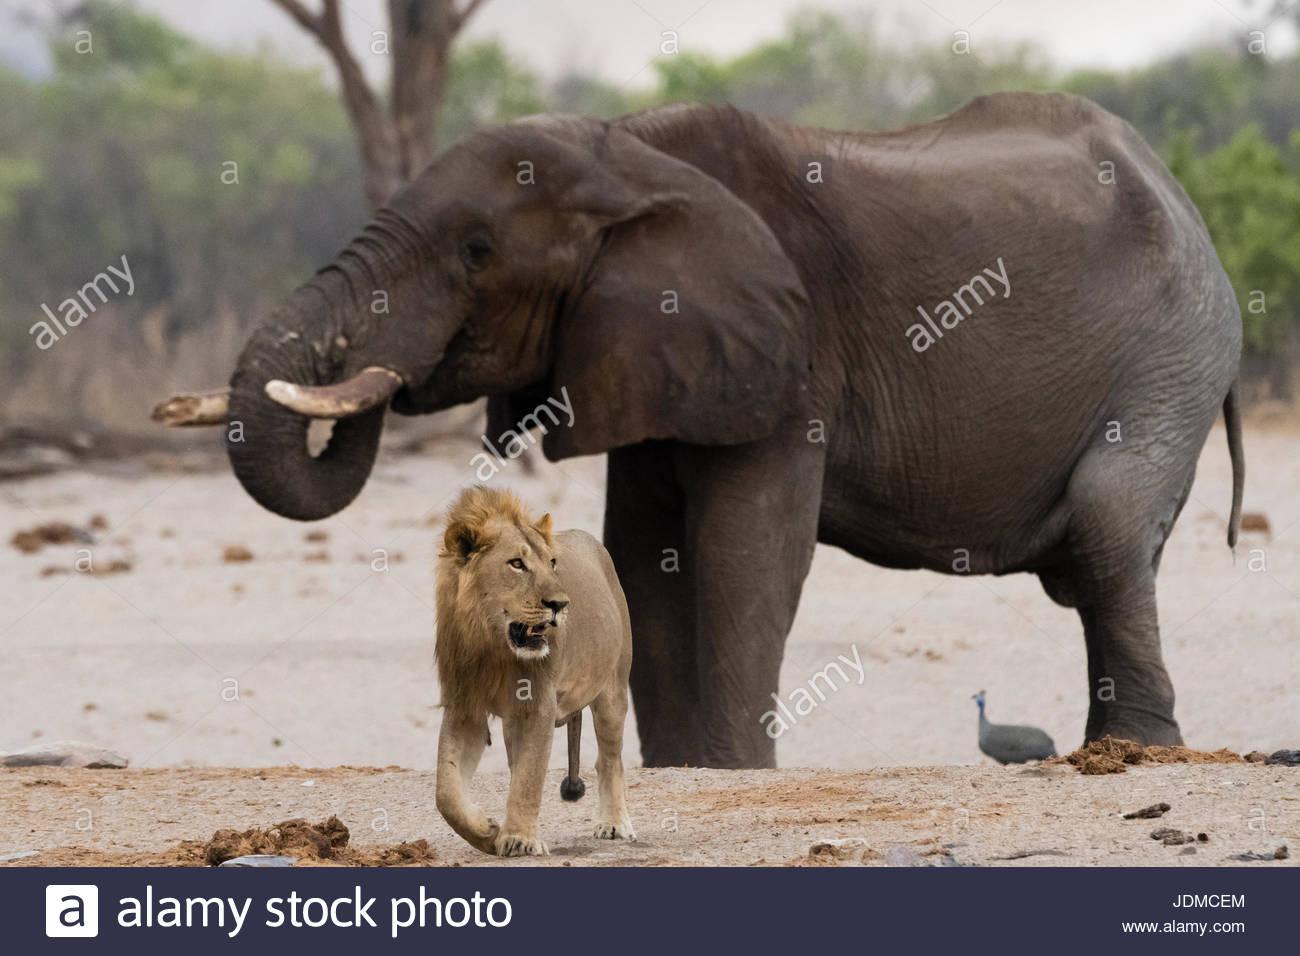 Ein männlicher Löwe, Panthera Leo, zu Fuß entfernt von einem afrikanischen Elefanten, Loxodonta Africana, Stockbild